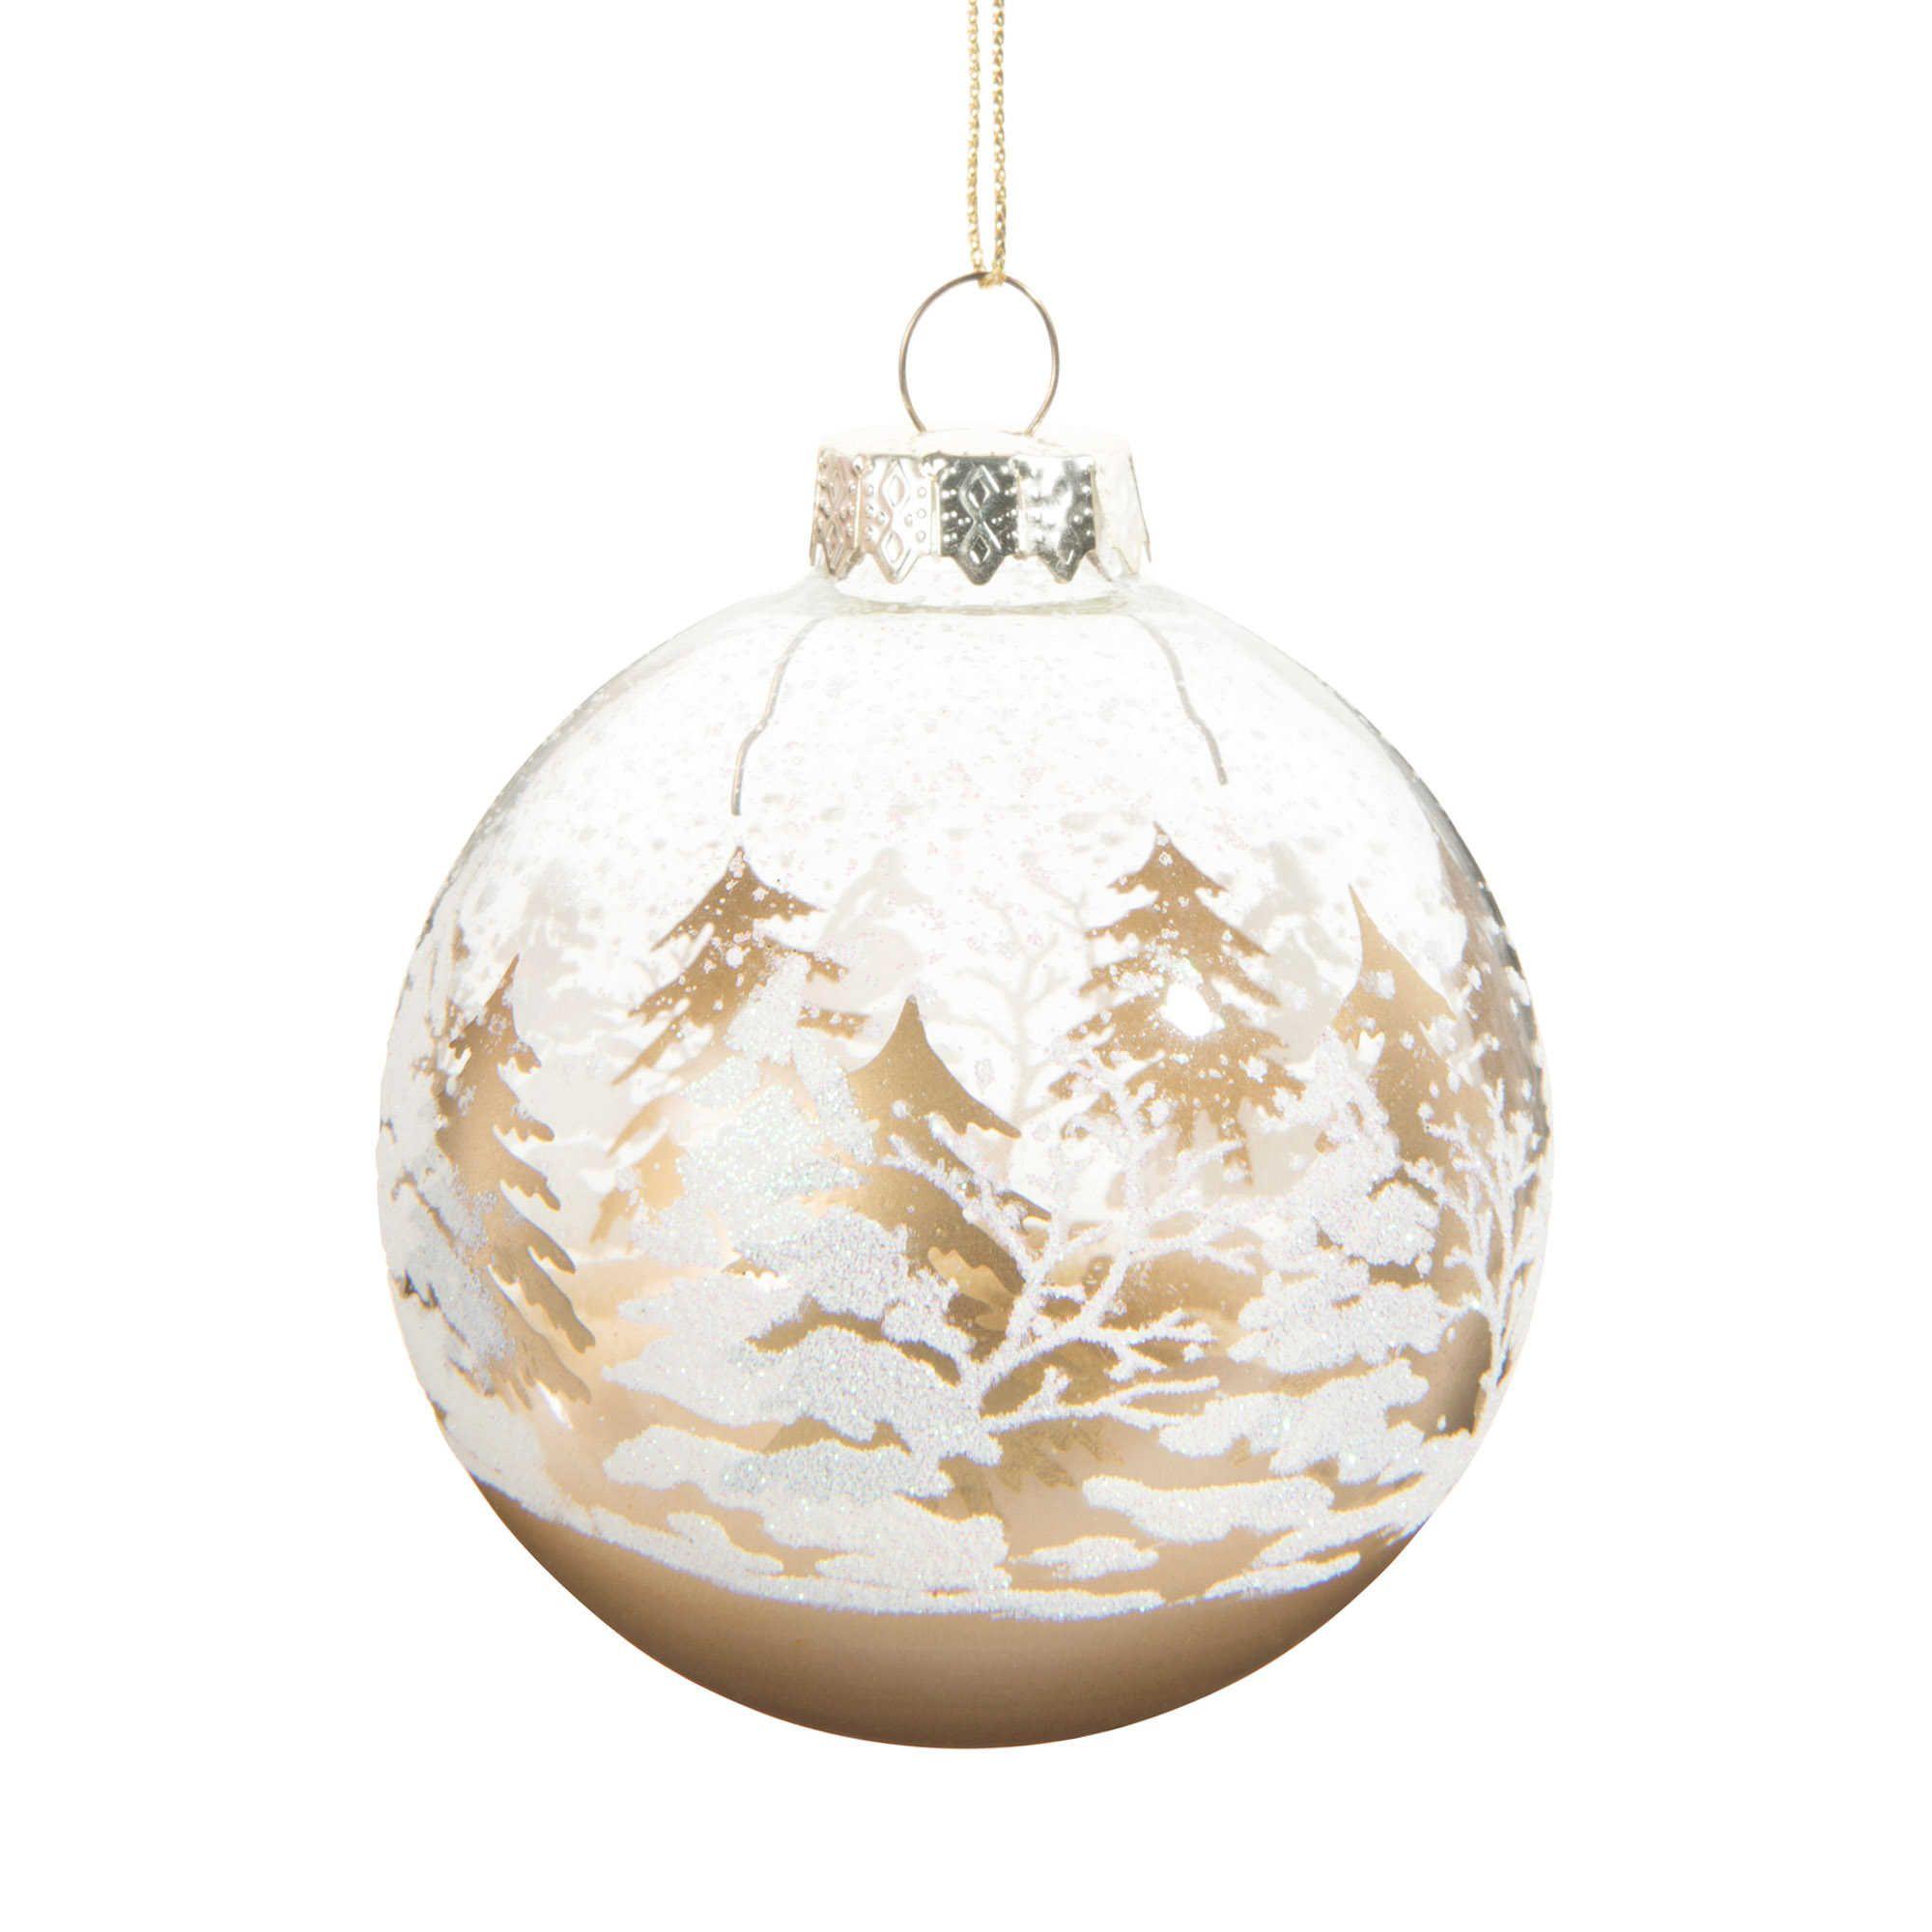 Personnalisé Arbre de Noël Photo boules Set de Noël Boule Star Ornement Décoration